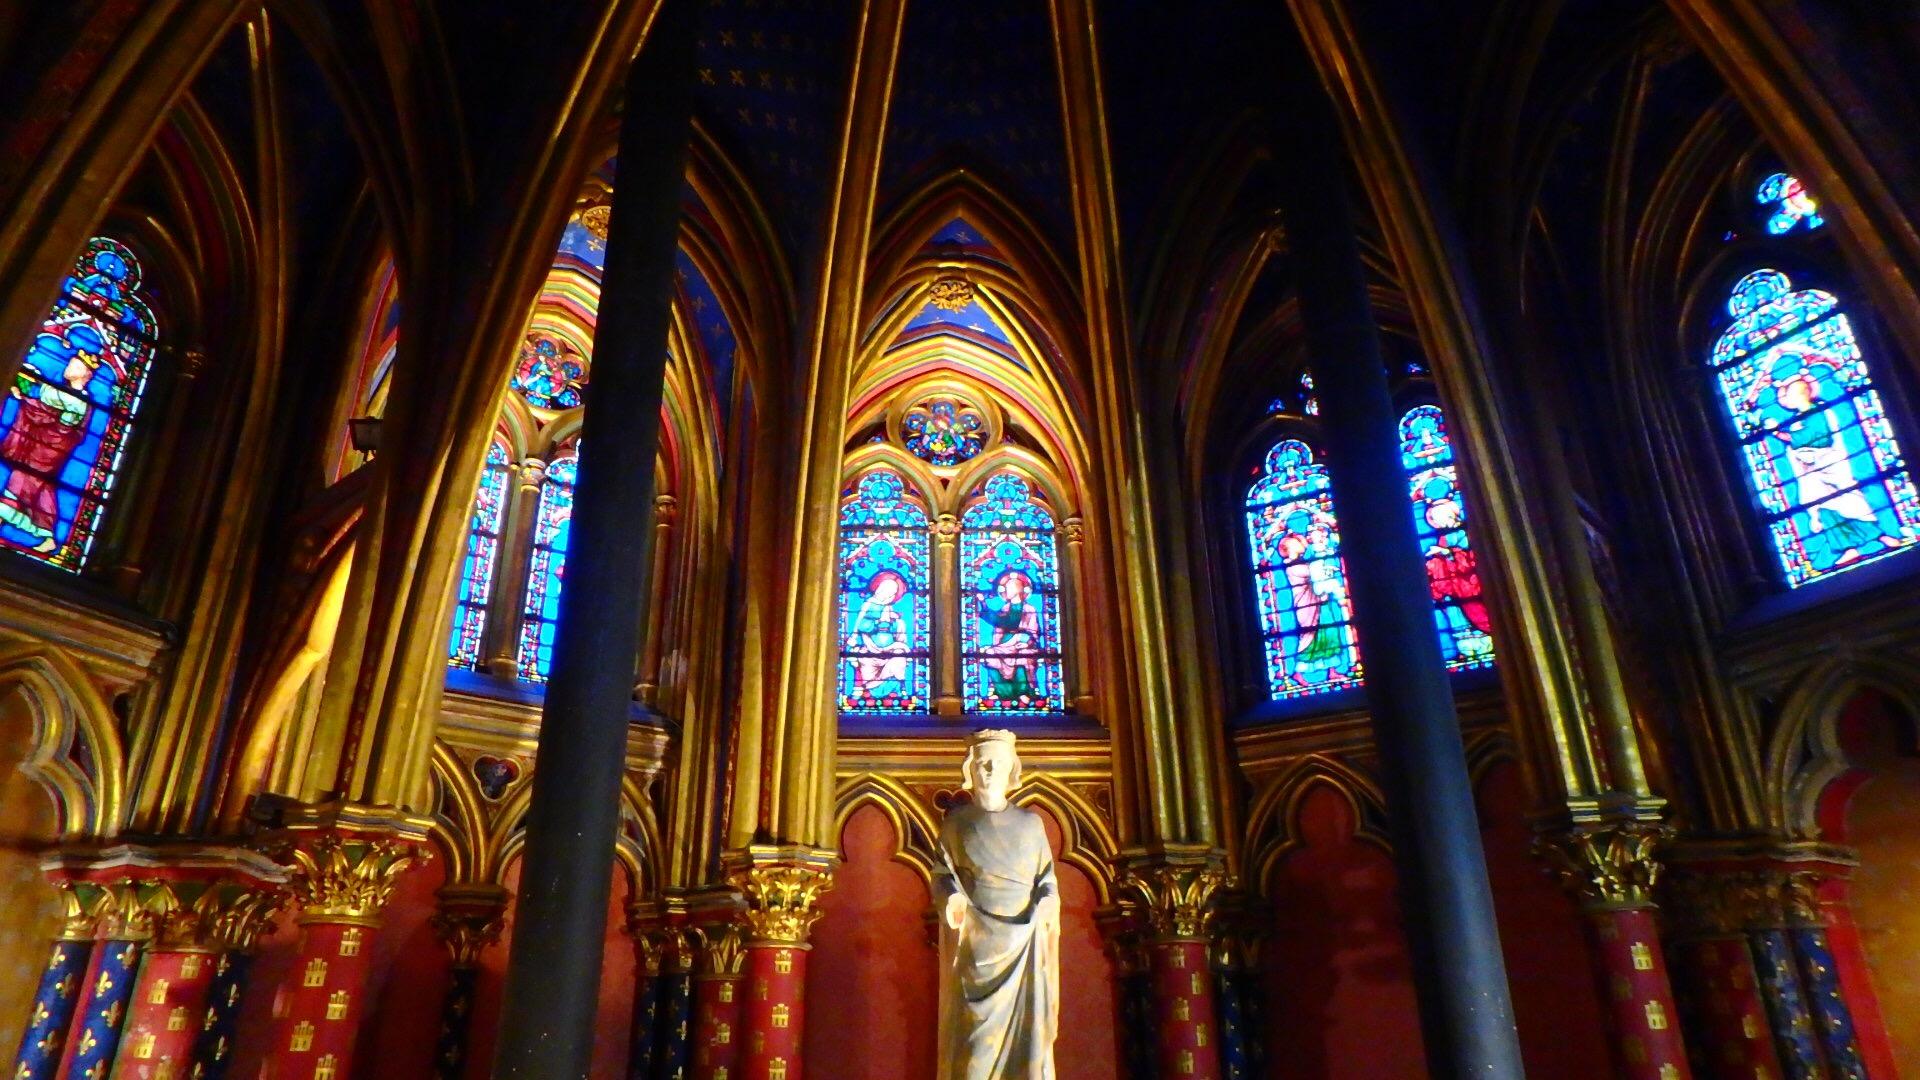 サント・シャペル教会(Sainte Chapelle)ゴシック様式最盛期